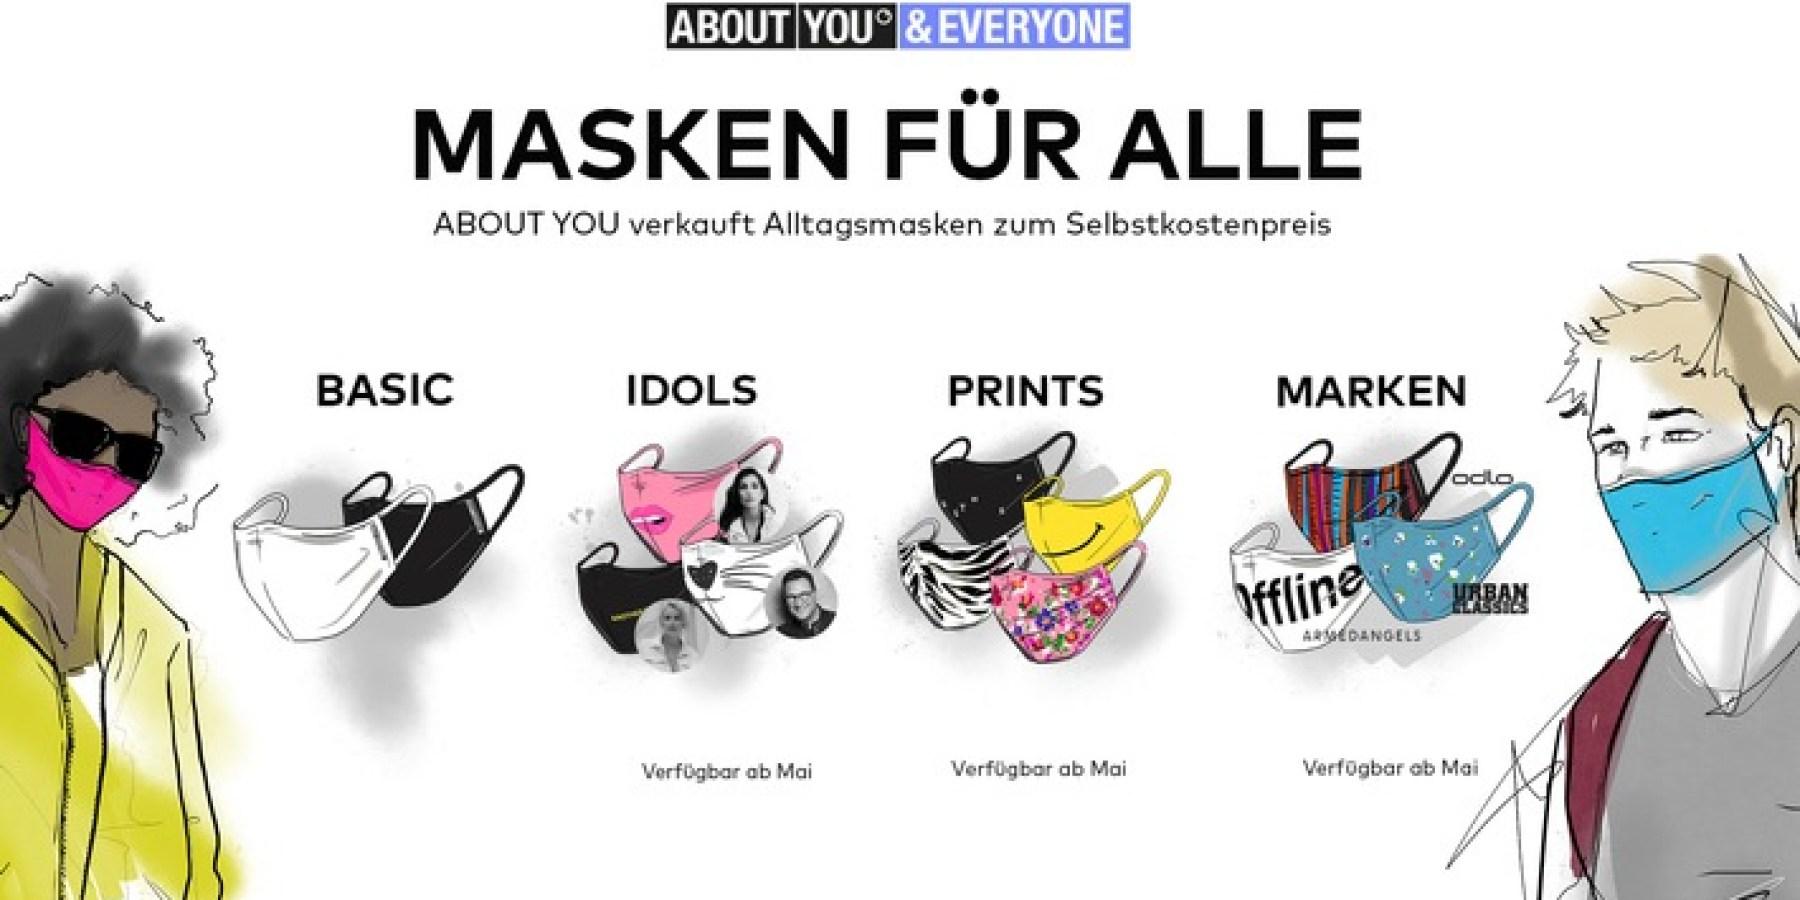 ABOUT YOU bietet größte Vielfalt an modischen Alltagsmasken zum transparenten Selbstkostenpreis